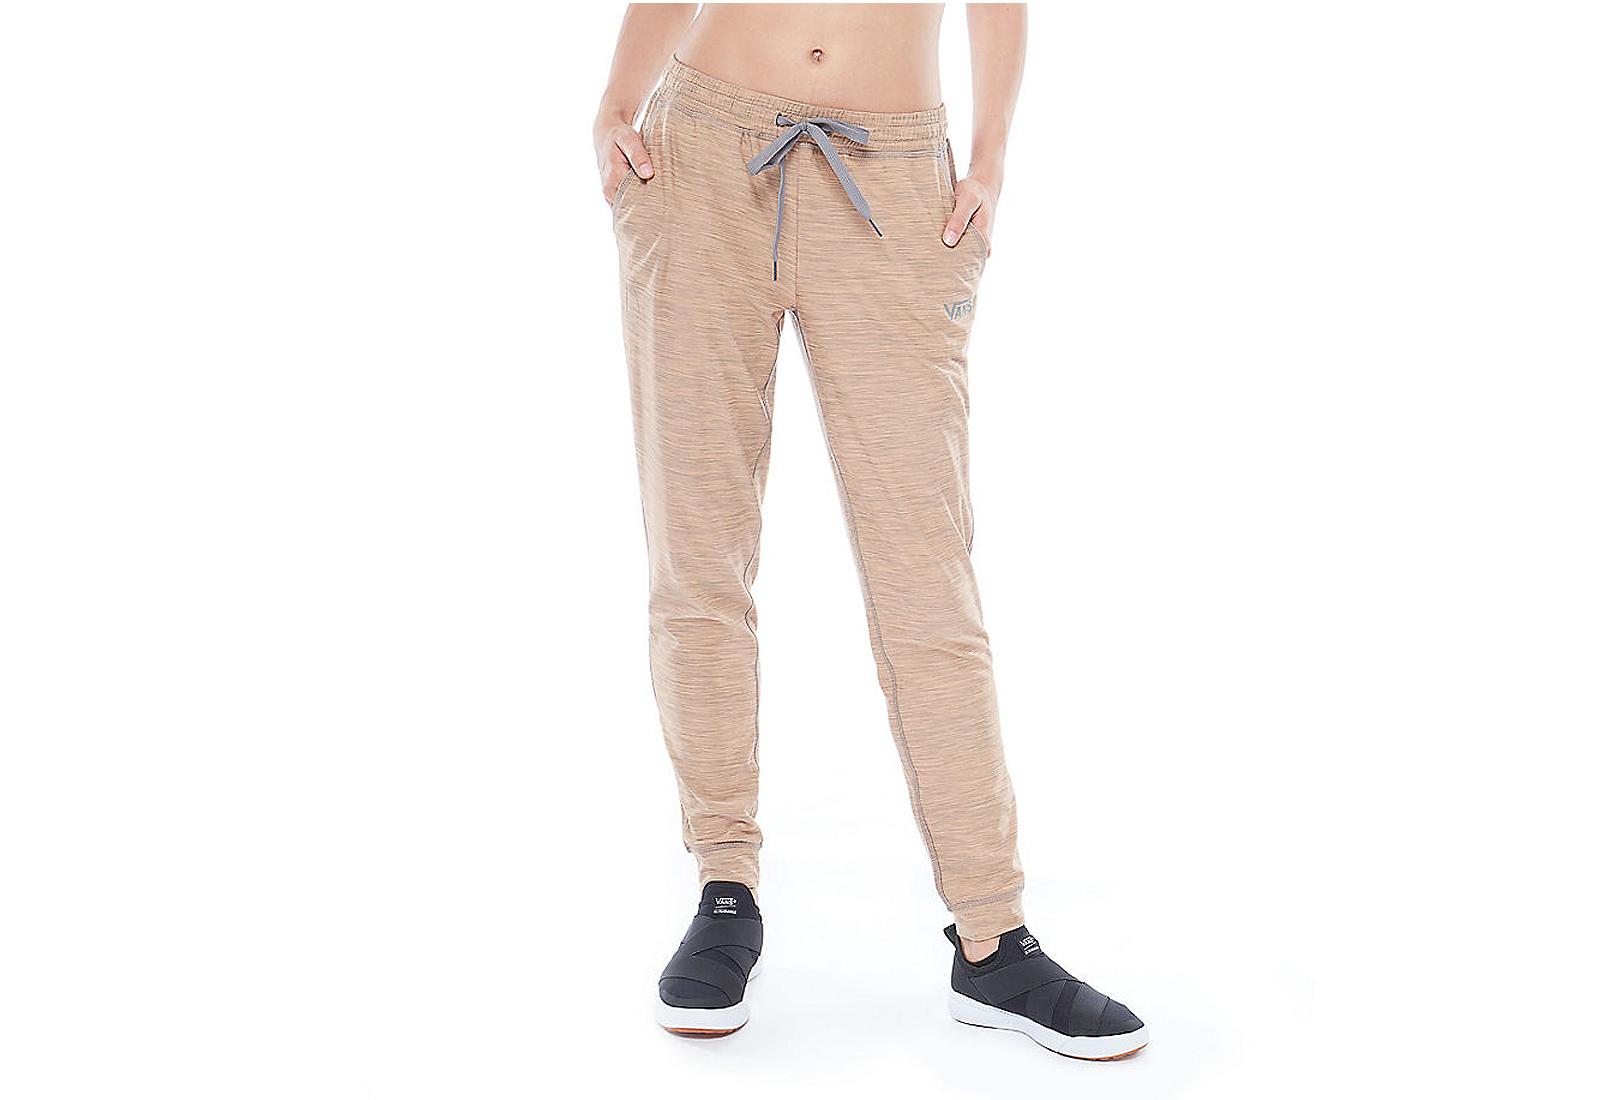 Vans Pantalone Crossing Pant